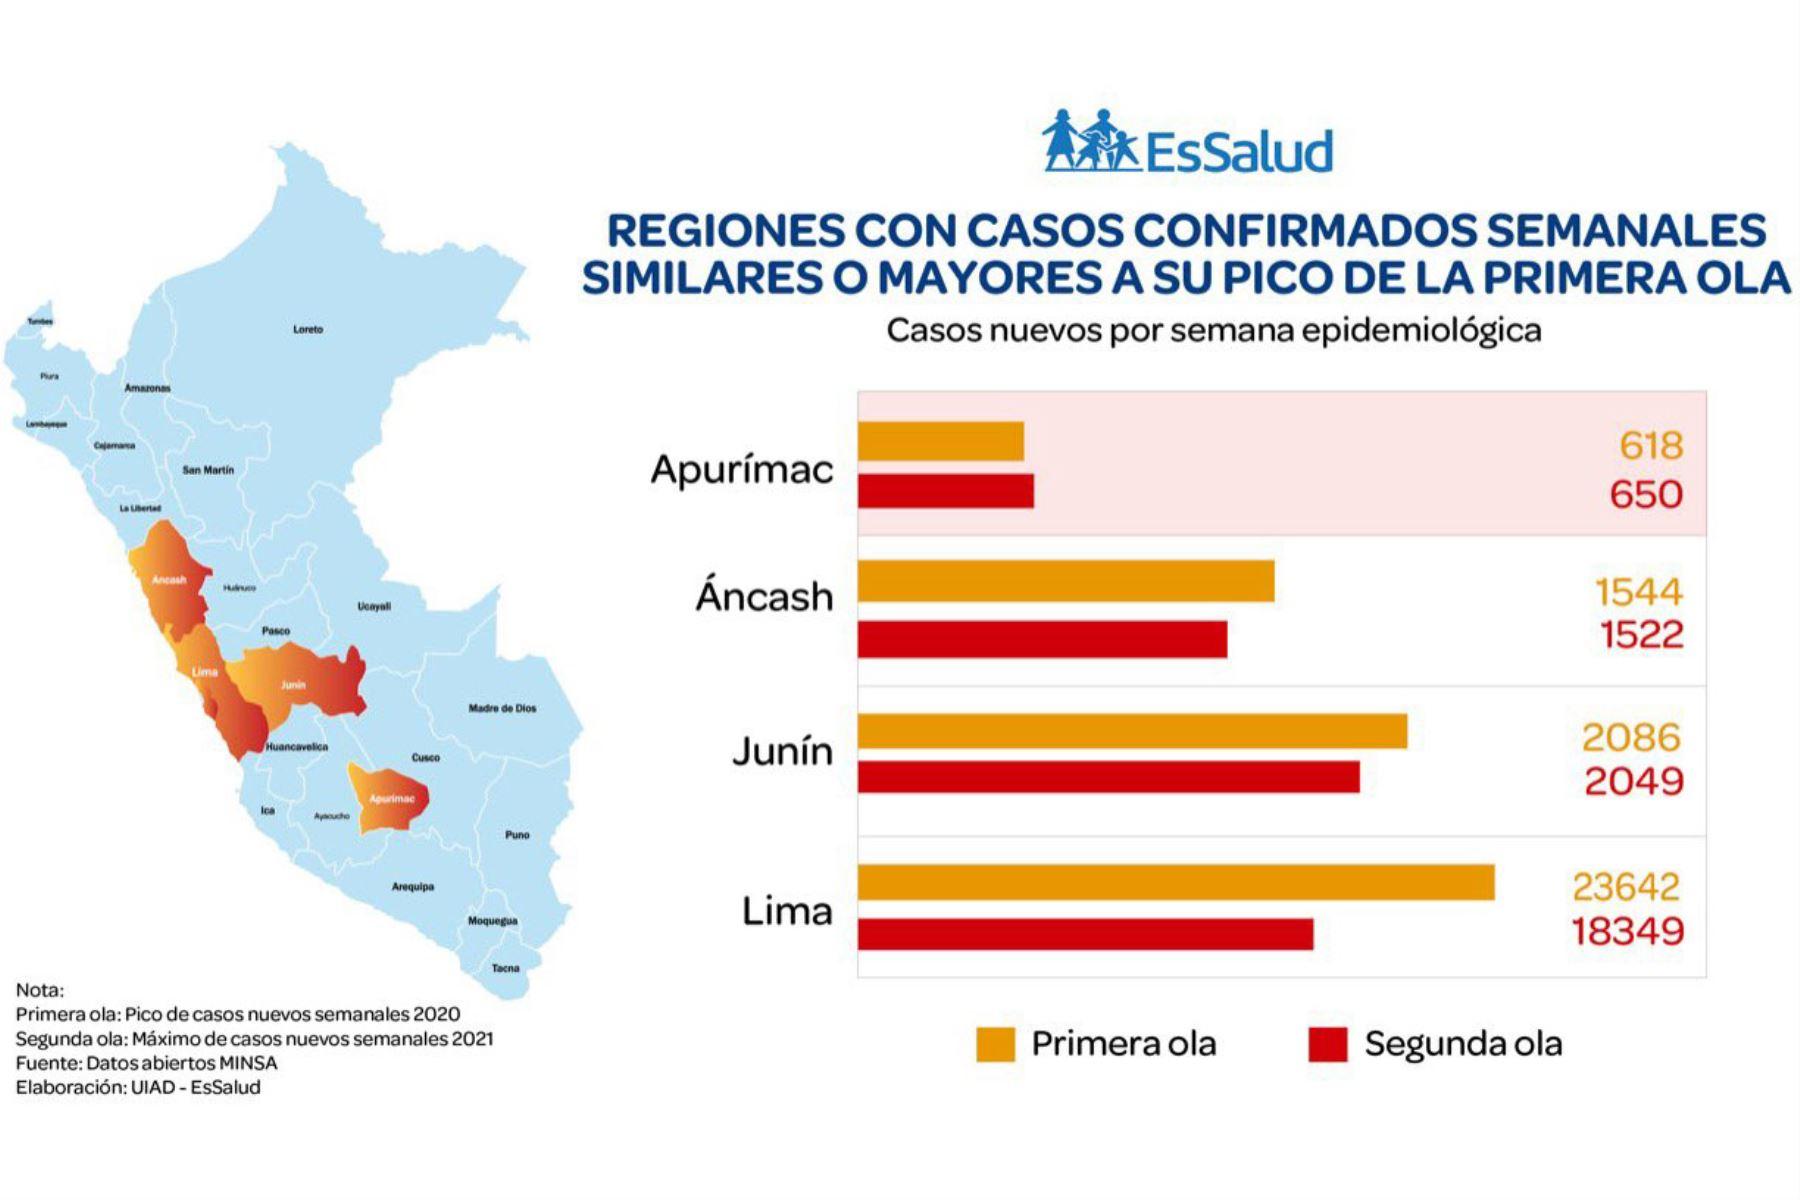 Las regiones de Áncash y Junín están cerca de superar la cantidad máxima de contagios registrada en la primera ola de la pandemia de covid-19, advirtió hoy Dante Cersso, jefe de la Unidad de Inteligencia y Análisis de Datos de EsSalud. ANDINA/DifusiónANDINA/Difusión